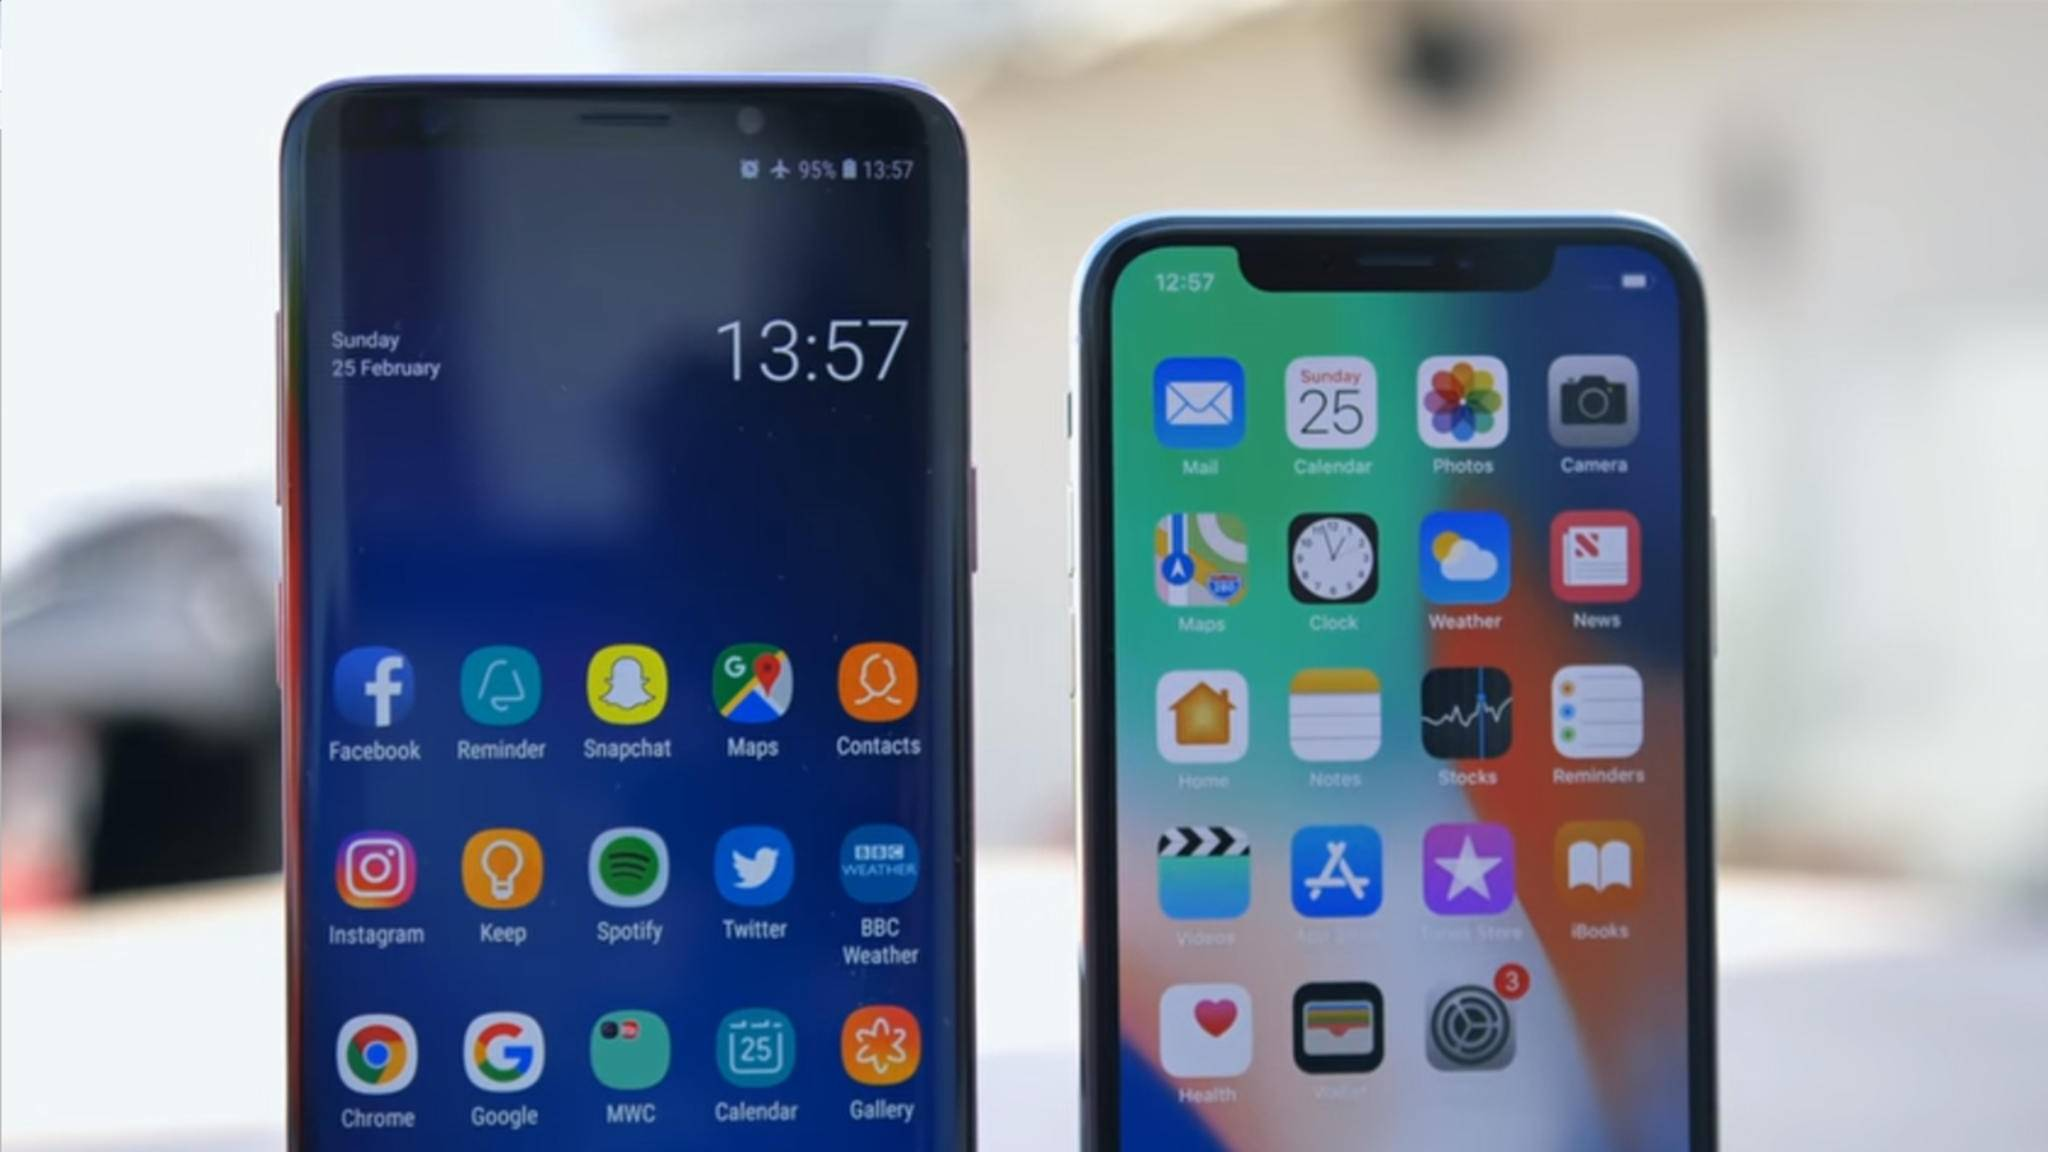 iOS hat die Nase vorn, wenn es um Smartphone-Sicherheit geht.